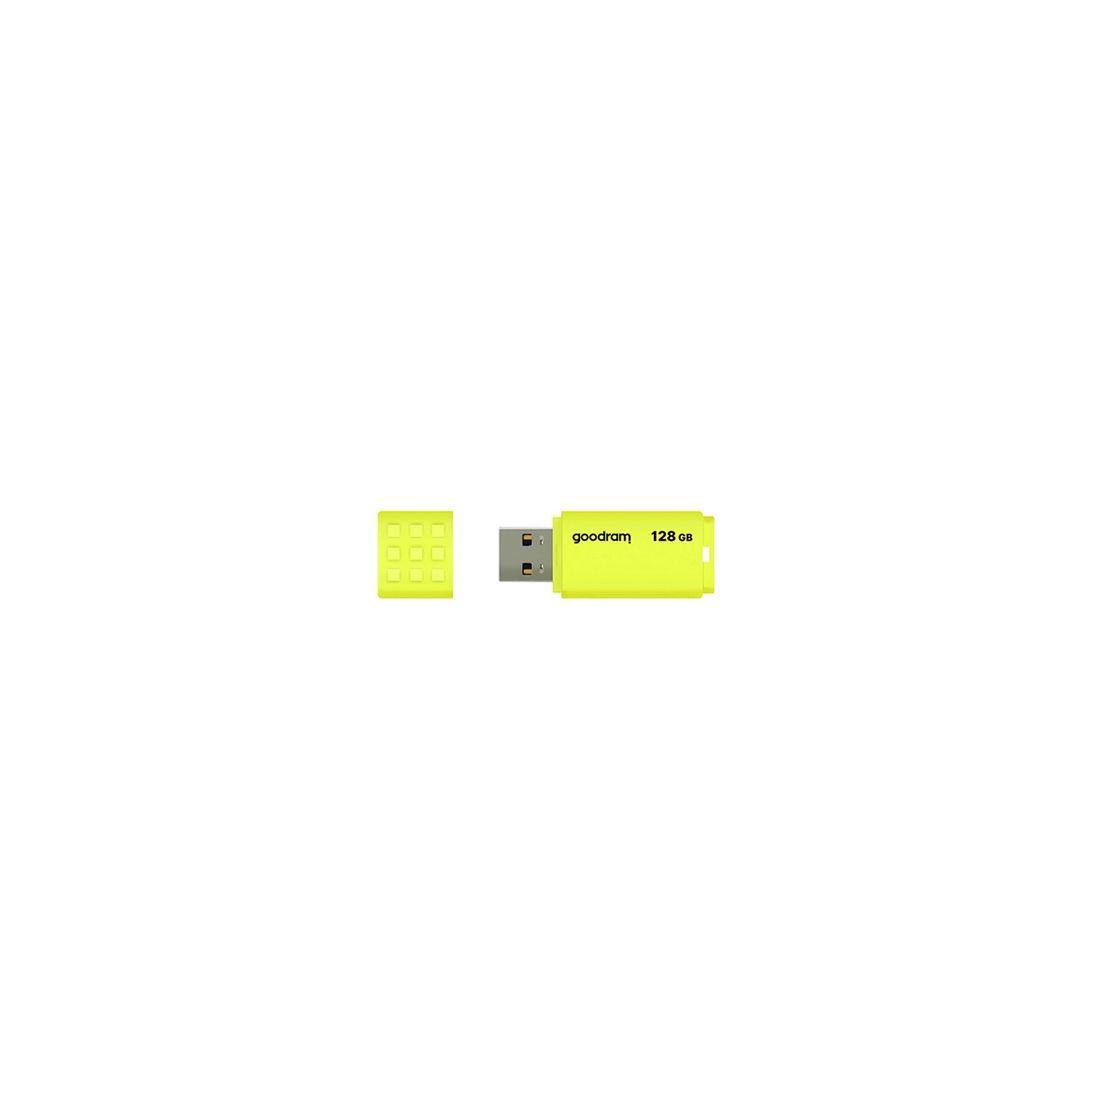 Goodram UME2 Lapiz USB 128GB USB 20 Amarillo